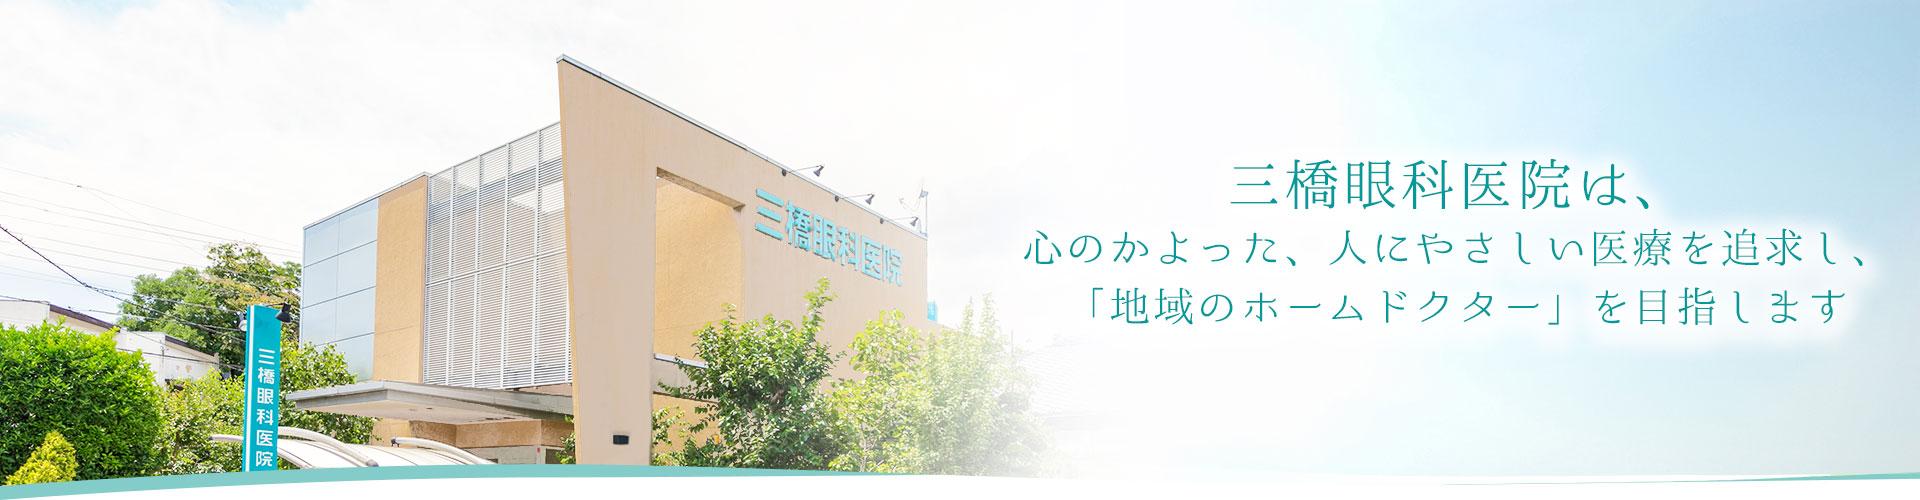 三橋眼科医院